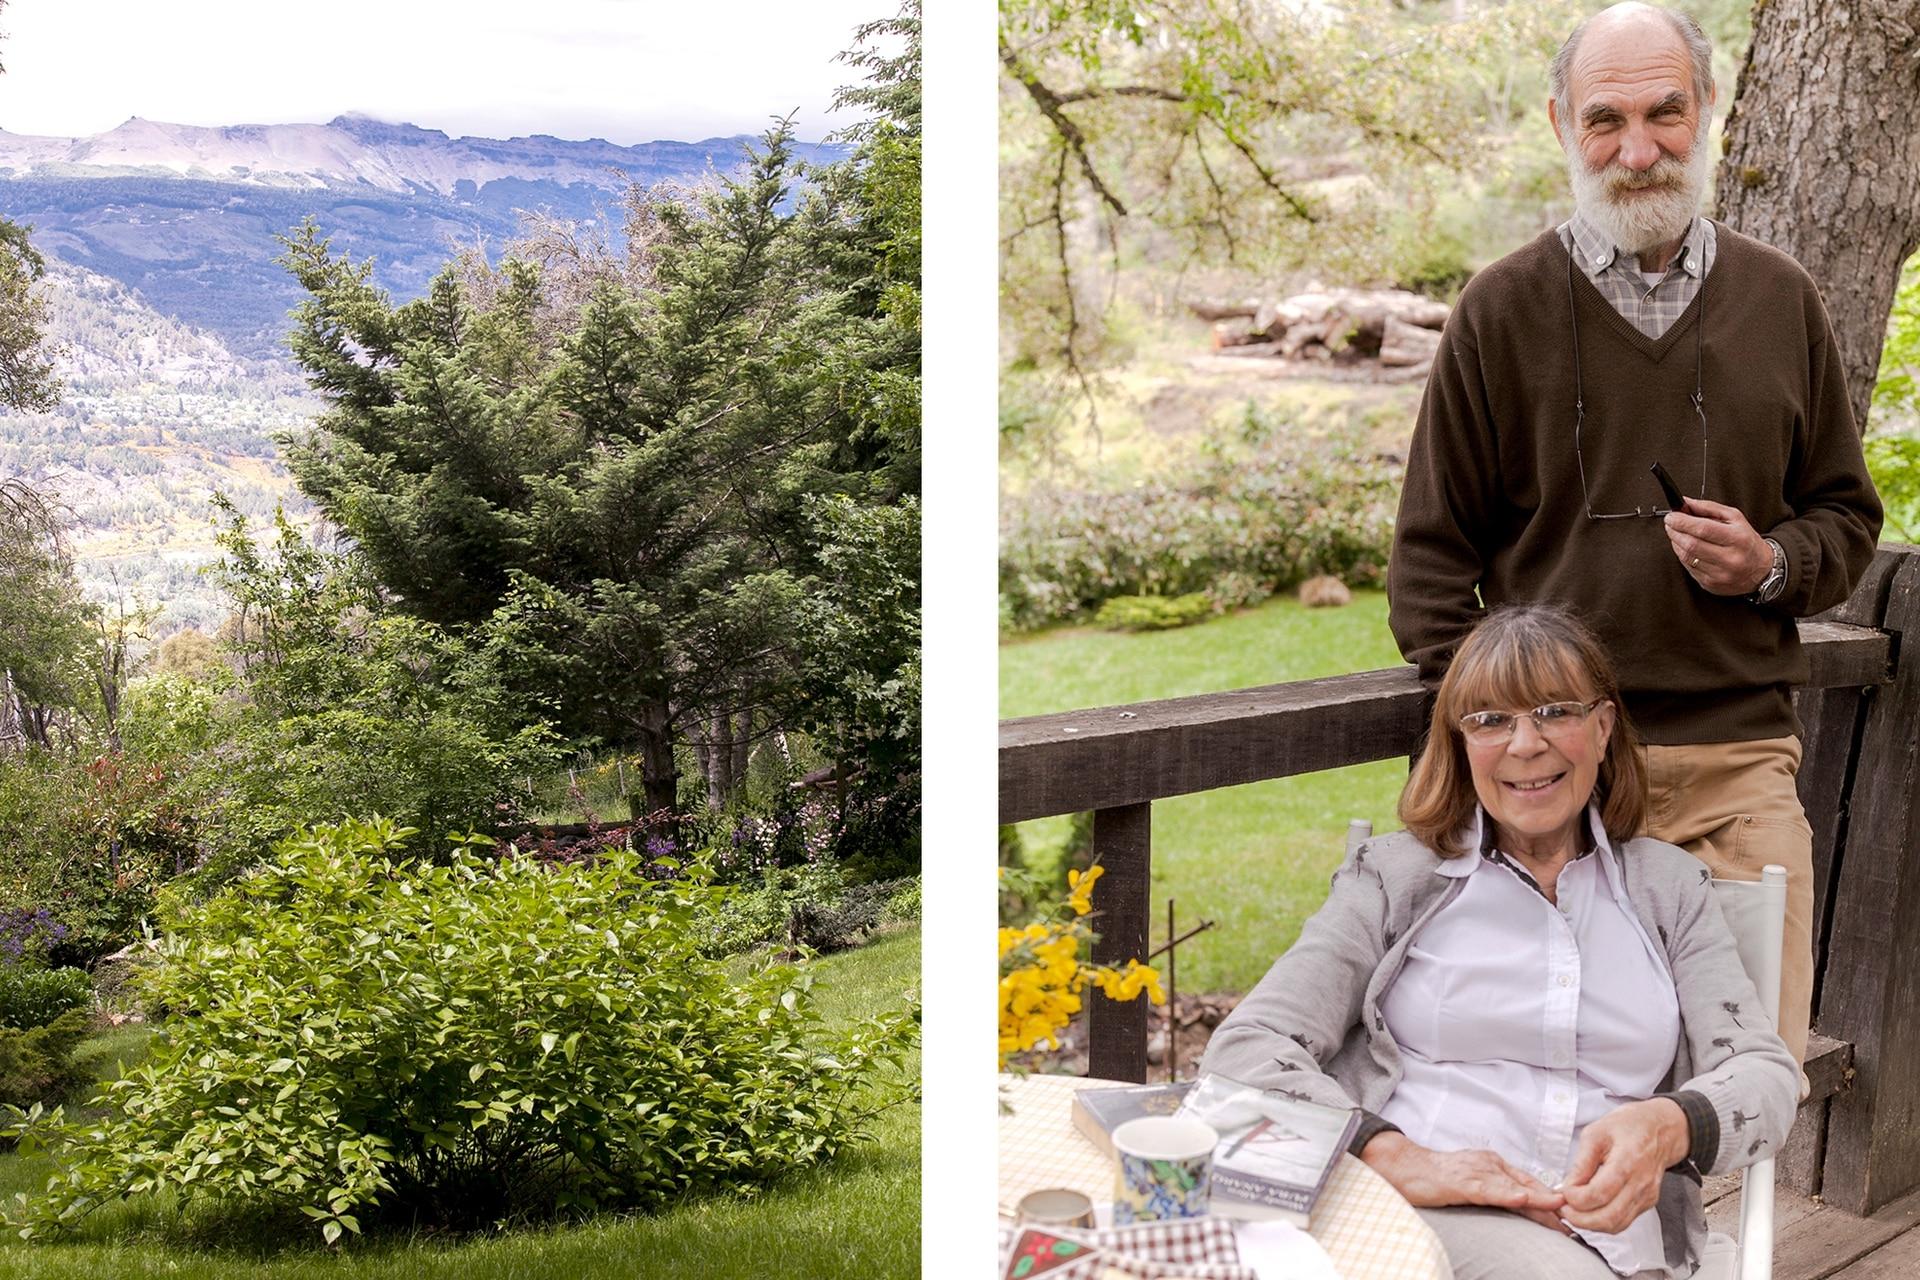 """""""Tuvimos que ralear en algunas zonas para tener una explanada y disfrutar de las vistas. A los dos nos encanta trabajar el jardín: desde que nos mudamos que lo estamos armando"""", nos contaron Luis y Marta."""